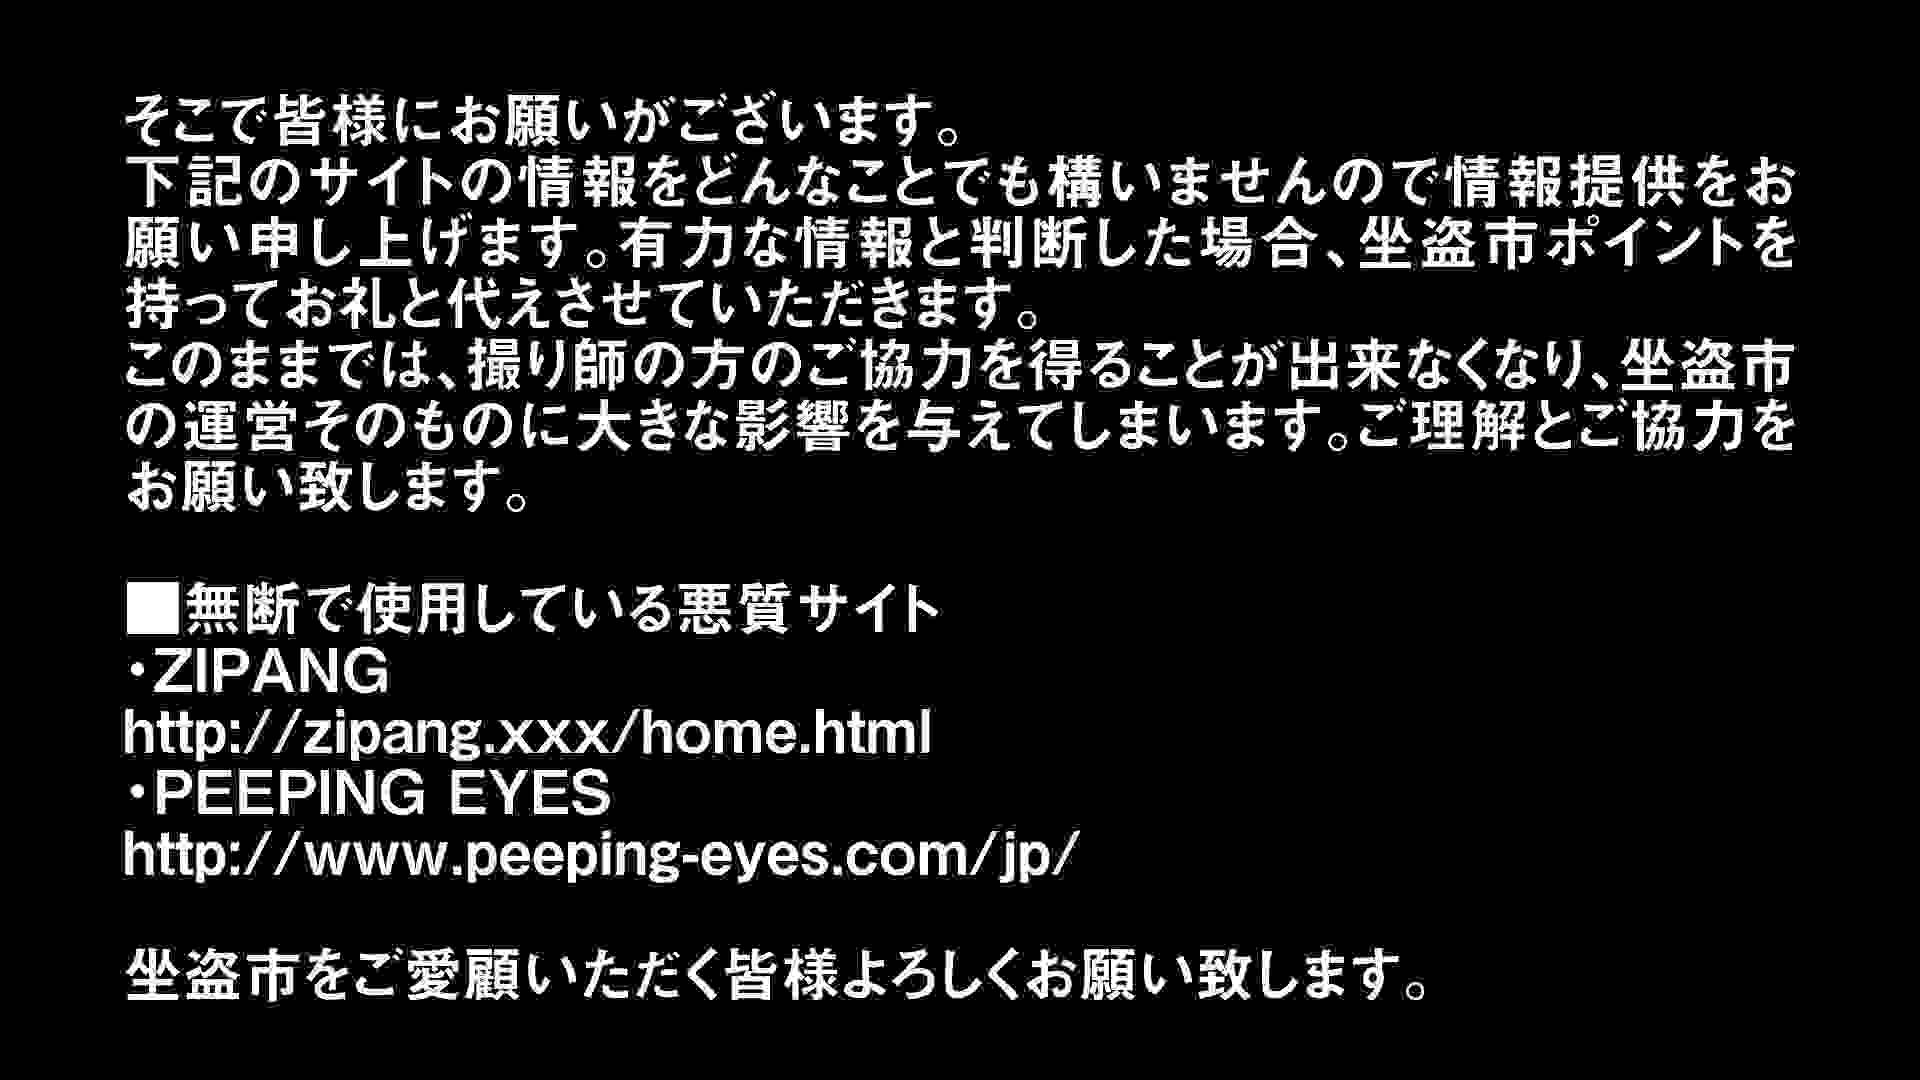 Aquaな露天風呂Vol.297 露天 | 盗撮  103画像 34